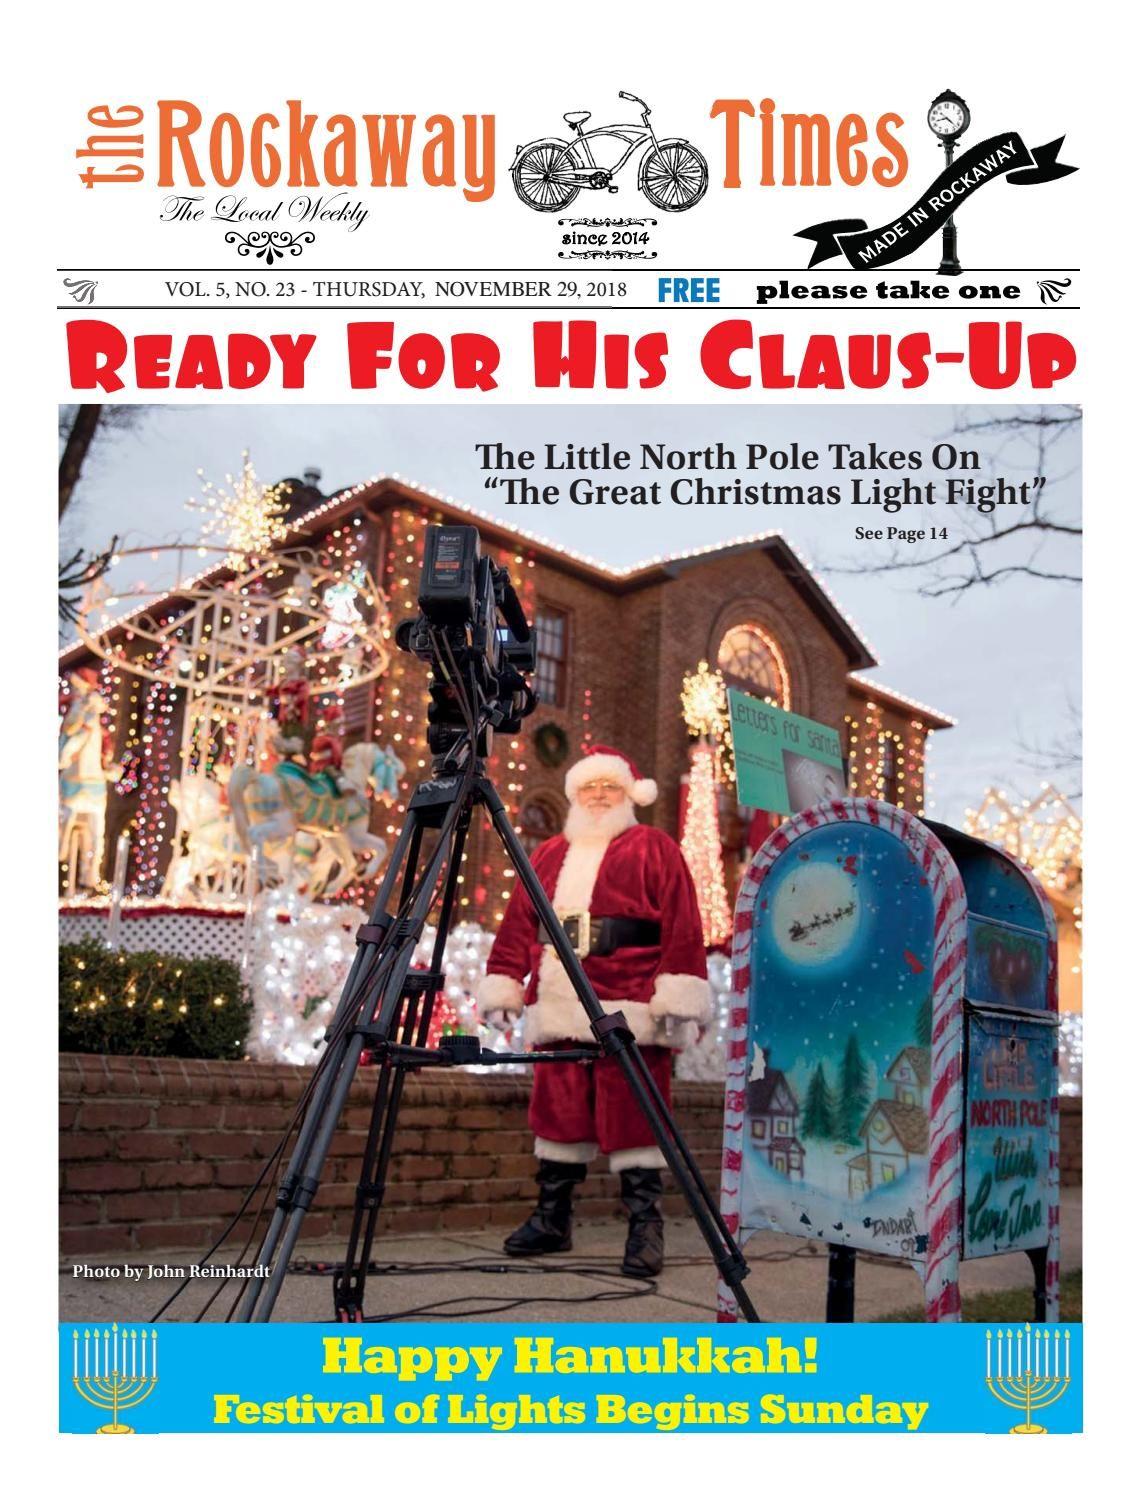 Tour De Lit Dumbo Impressionnant Rockaway Times 11 29 18 by Rockaway Times issuu